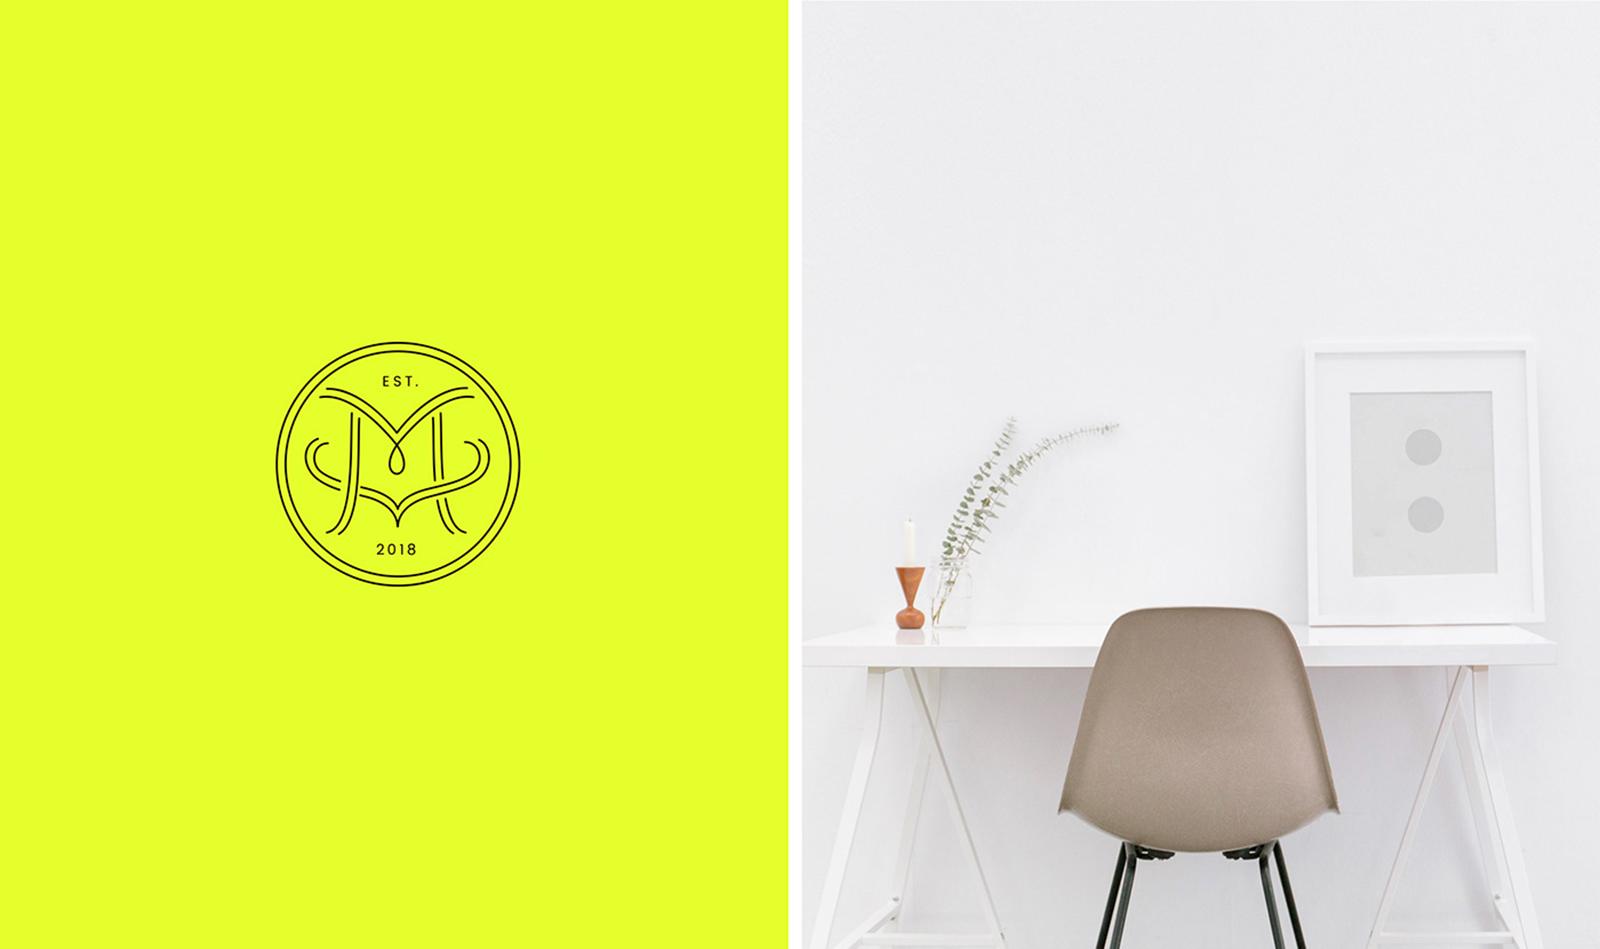 Maison d'Étude 时尚品牌形象设计欣赏-VI设计2